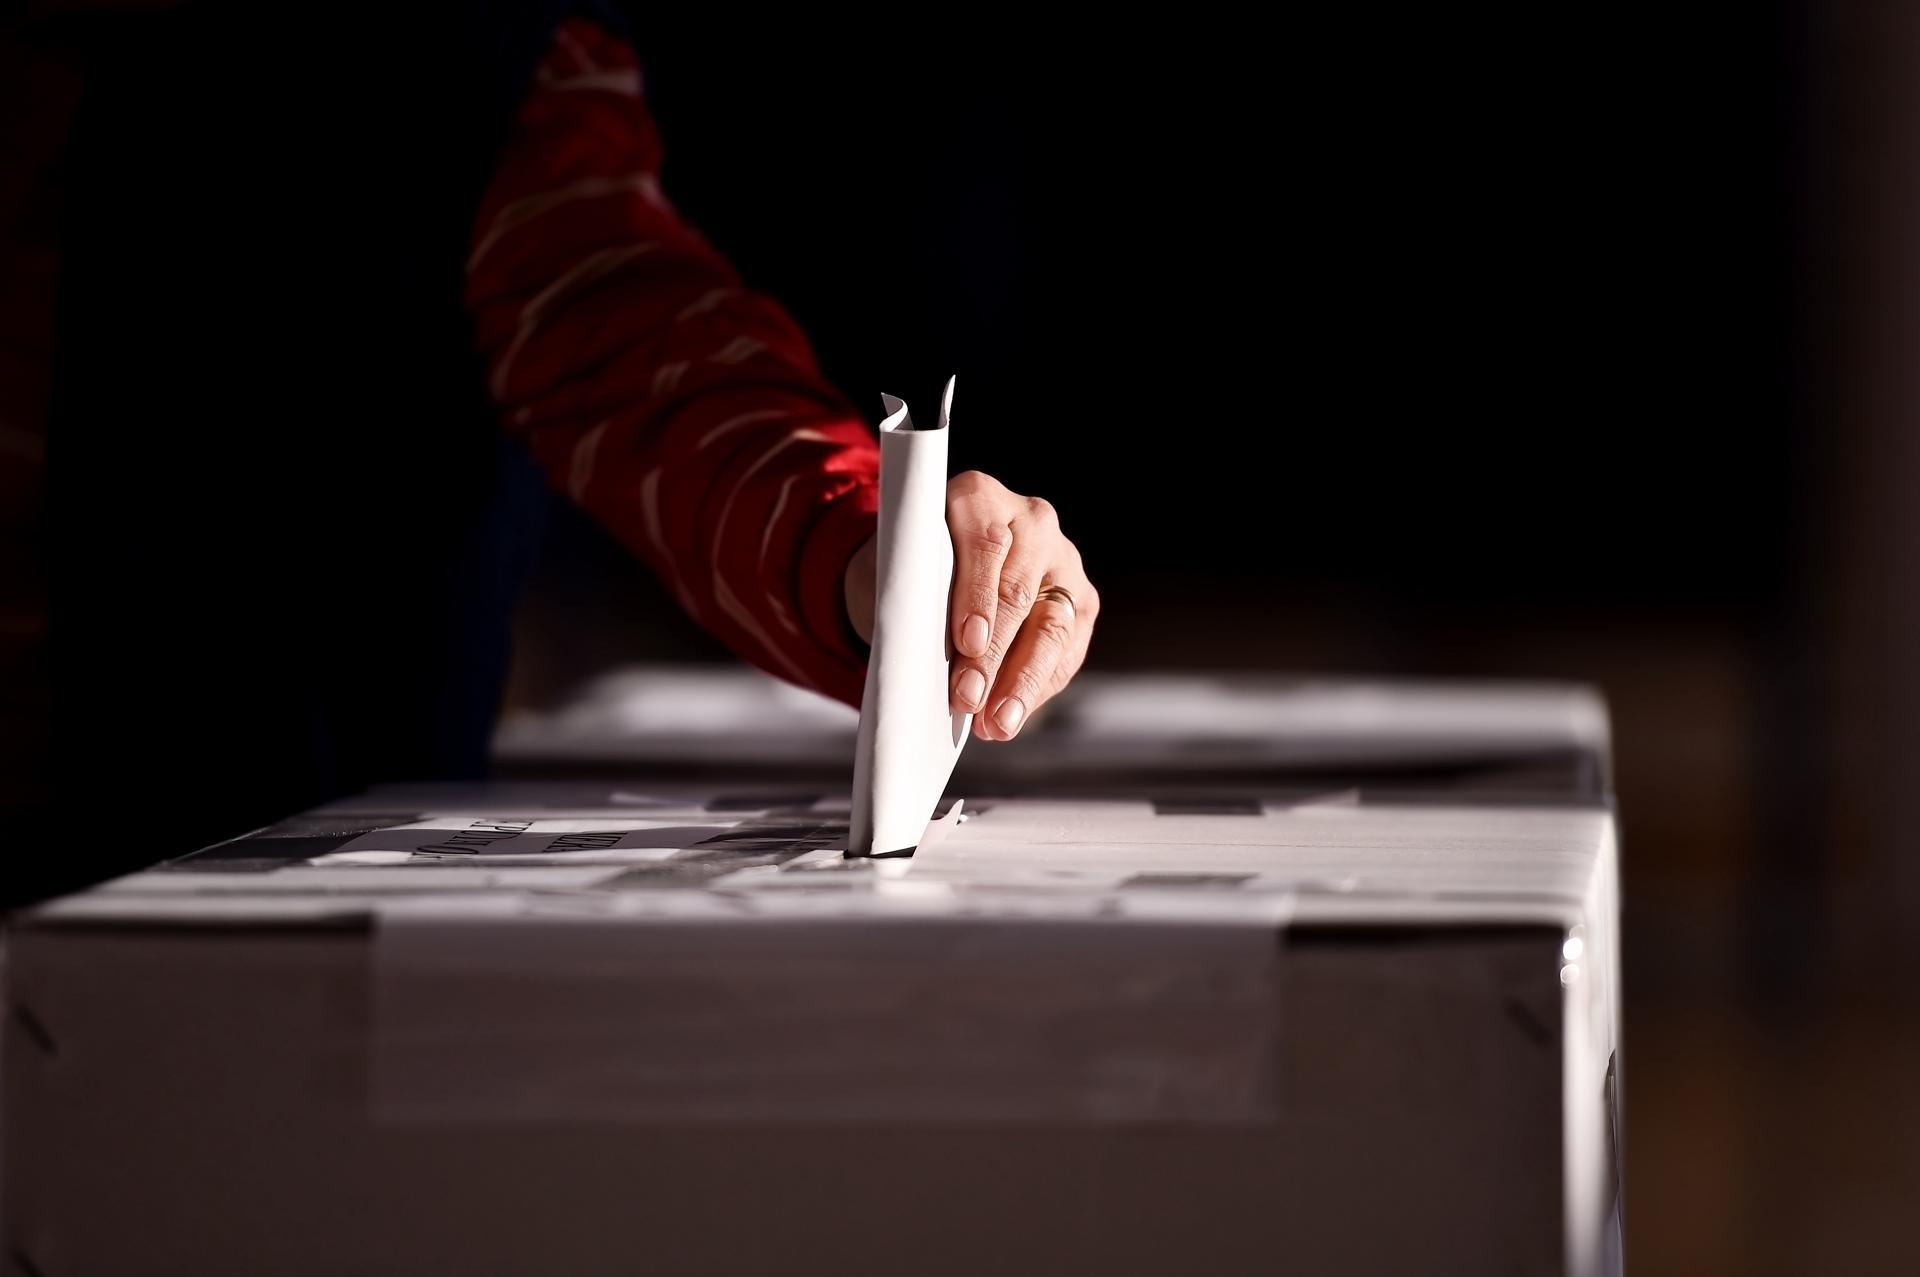 """من المستفيد من عرقلة """"انتخابات ديسمبر"""" في ليبيا؟"""